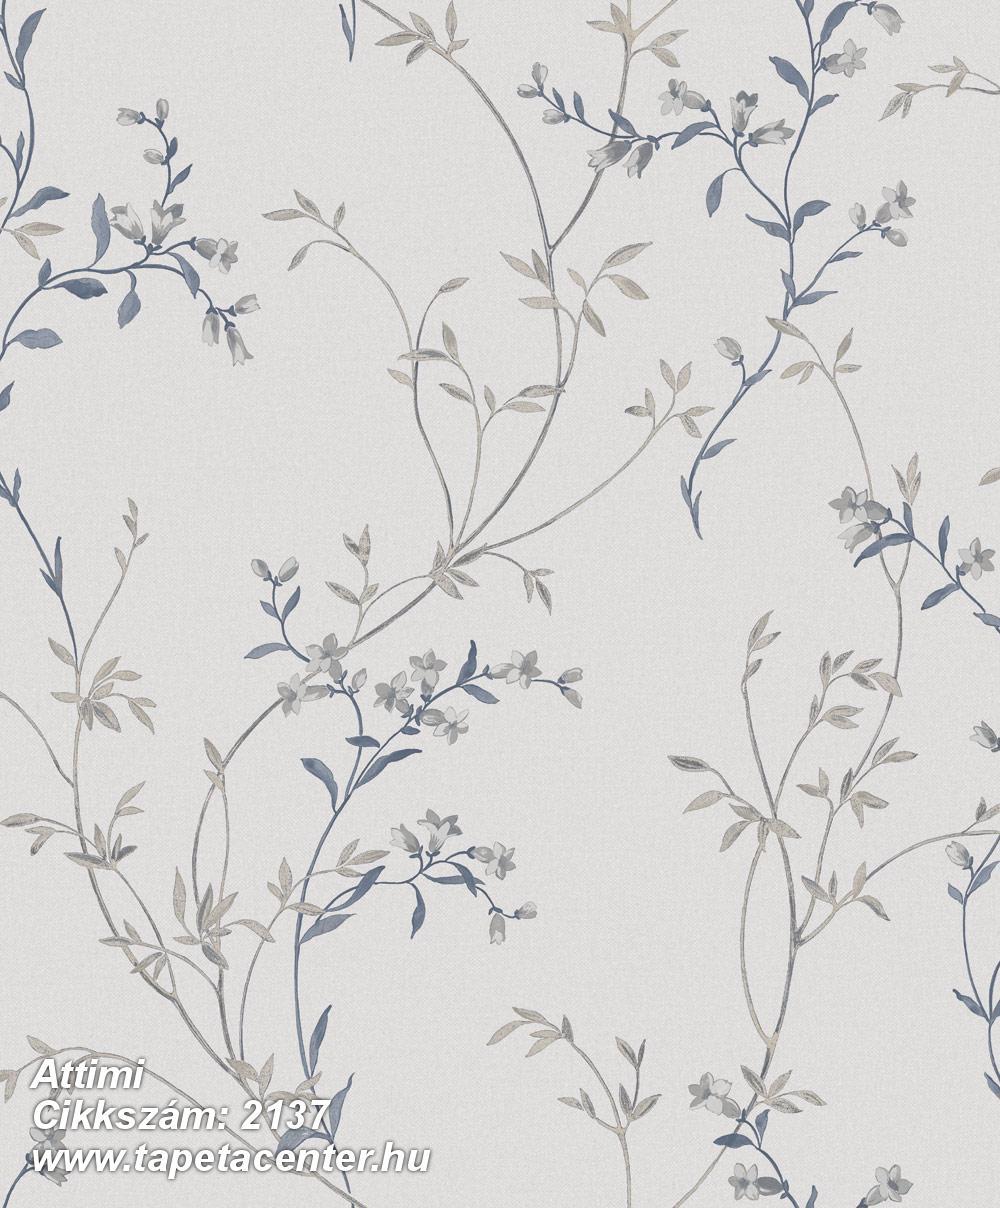 Természeti mintás,virágmintás,bézs-drapp,kék,szürke,gyengén mosható,vlies tapéta